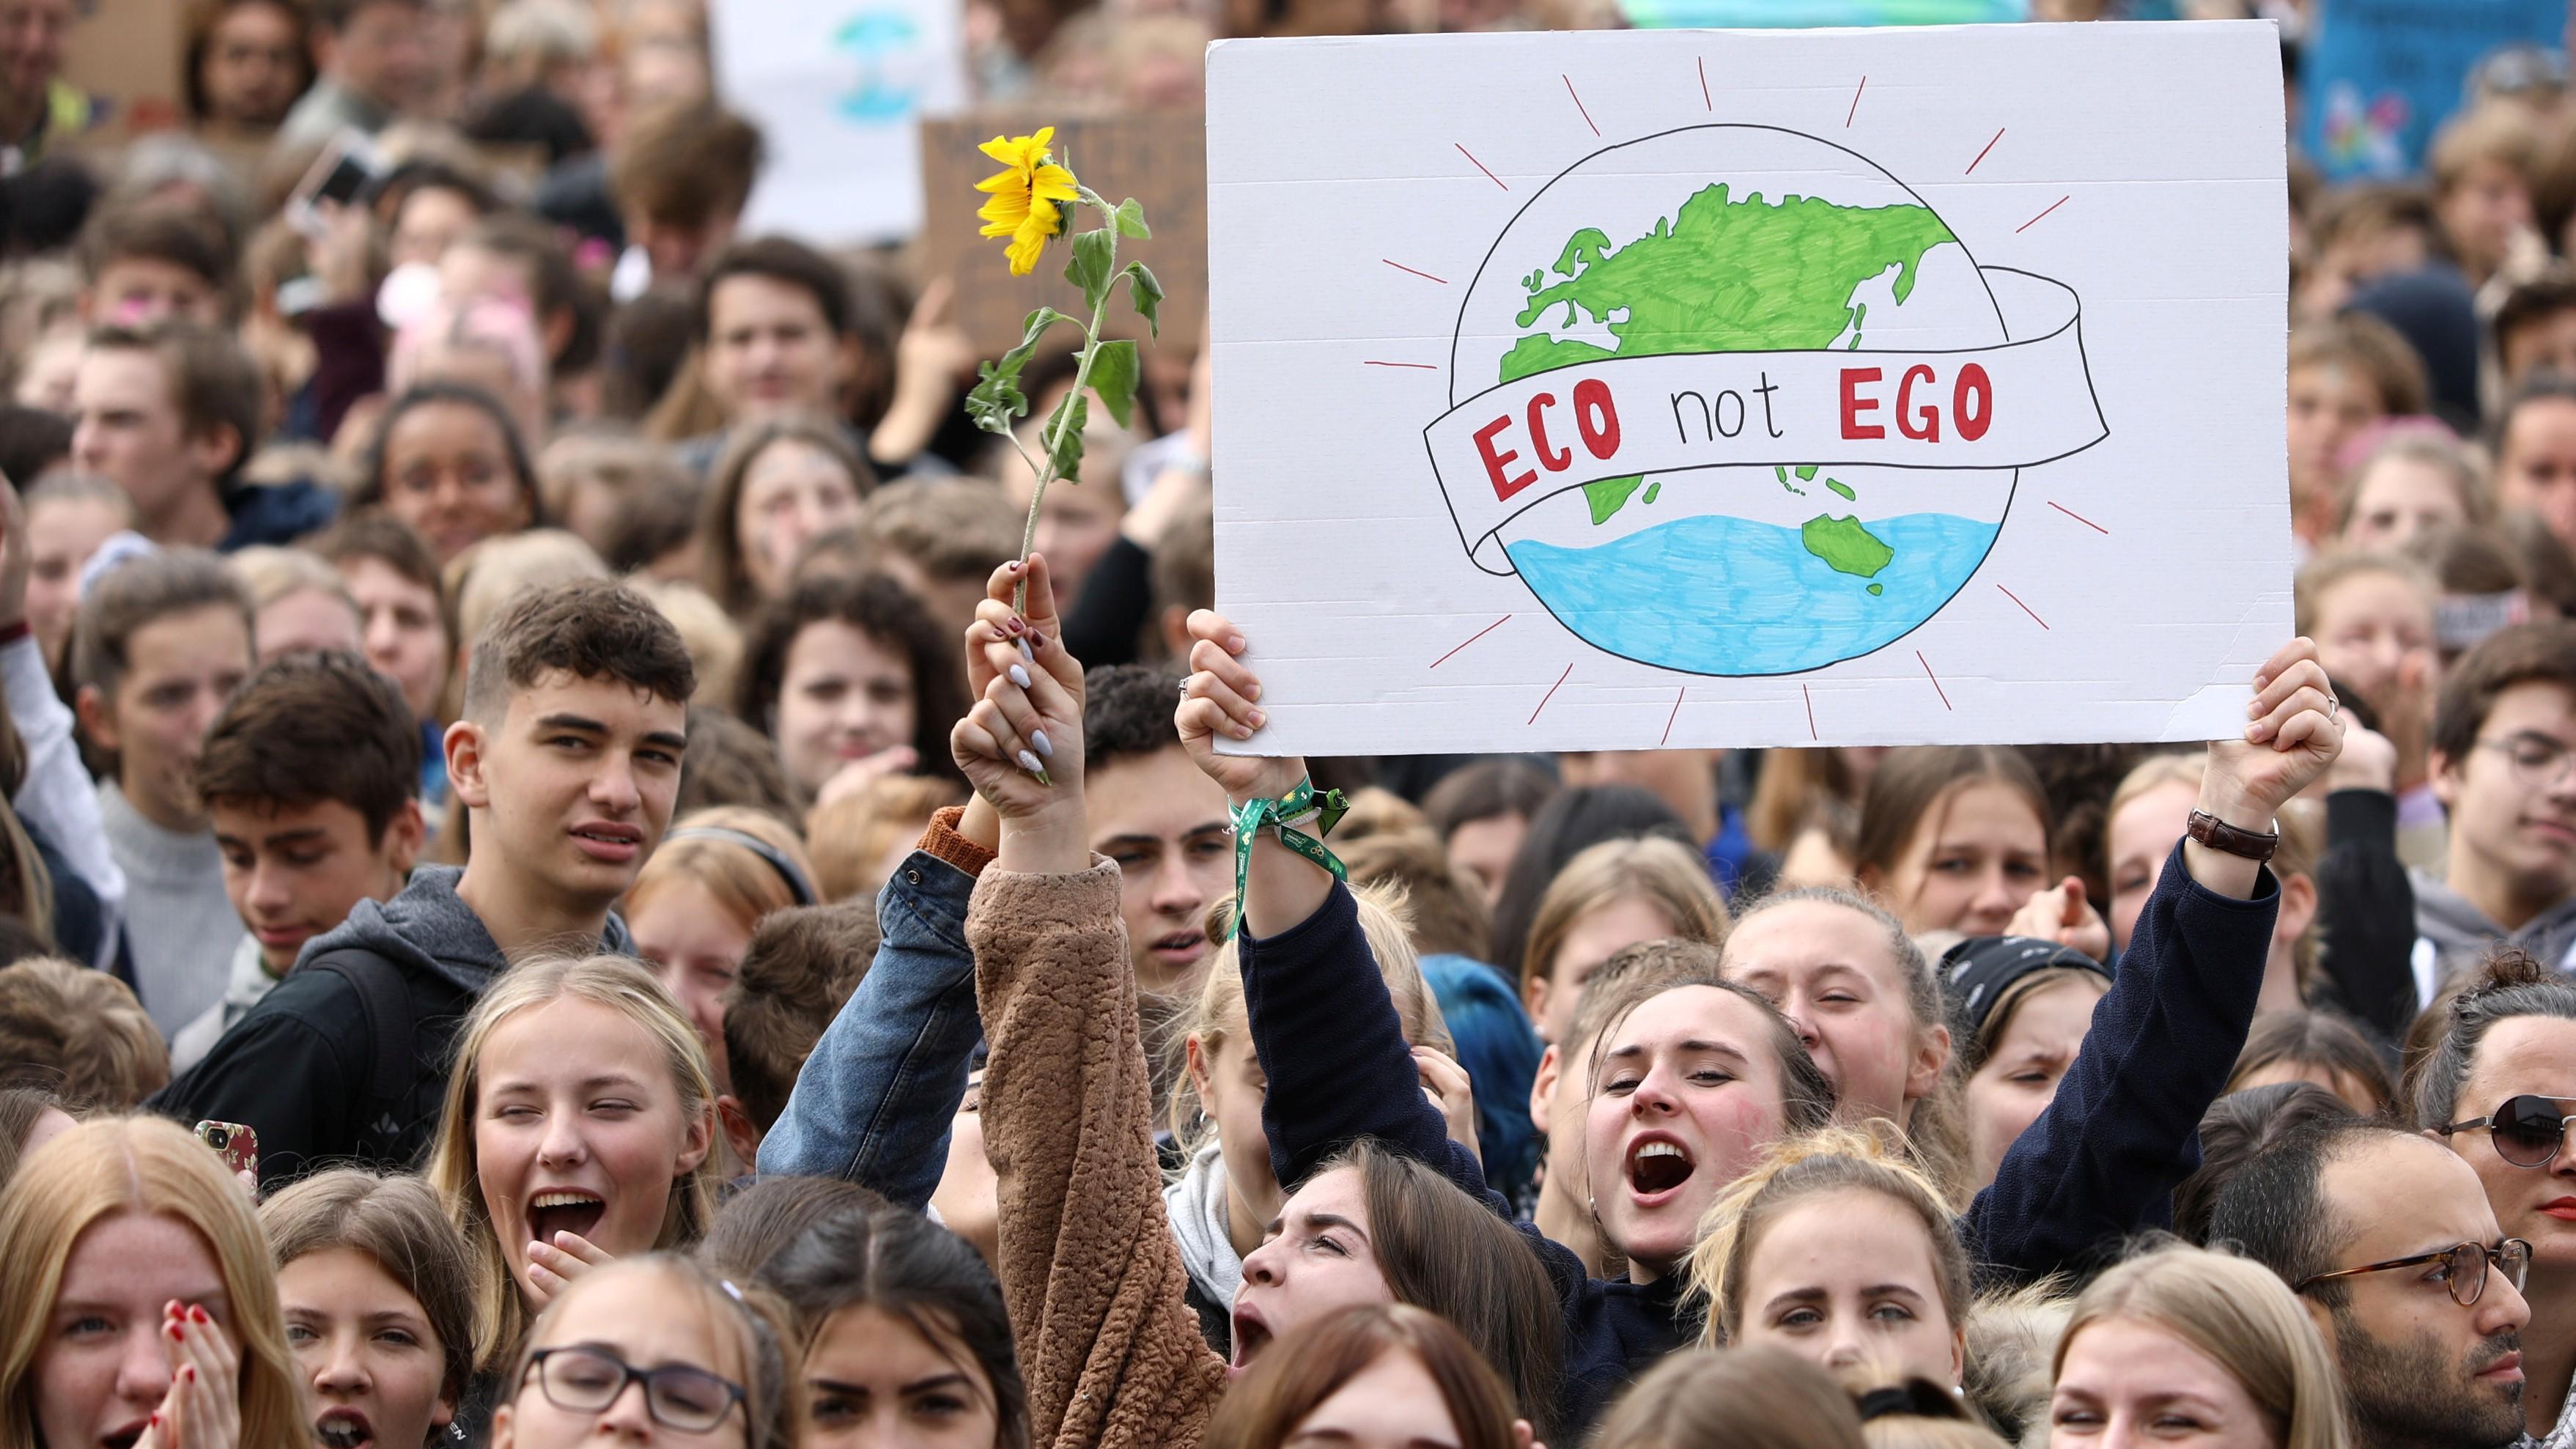 Neuer Aktionstag! Fridays for Future ruft erneut zum weltweiten Streik auf